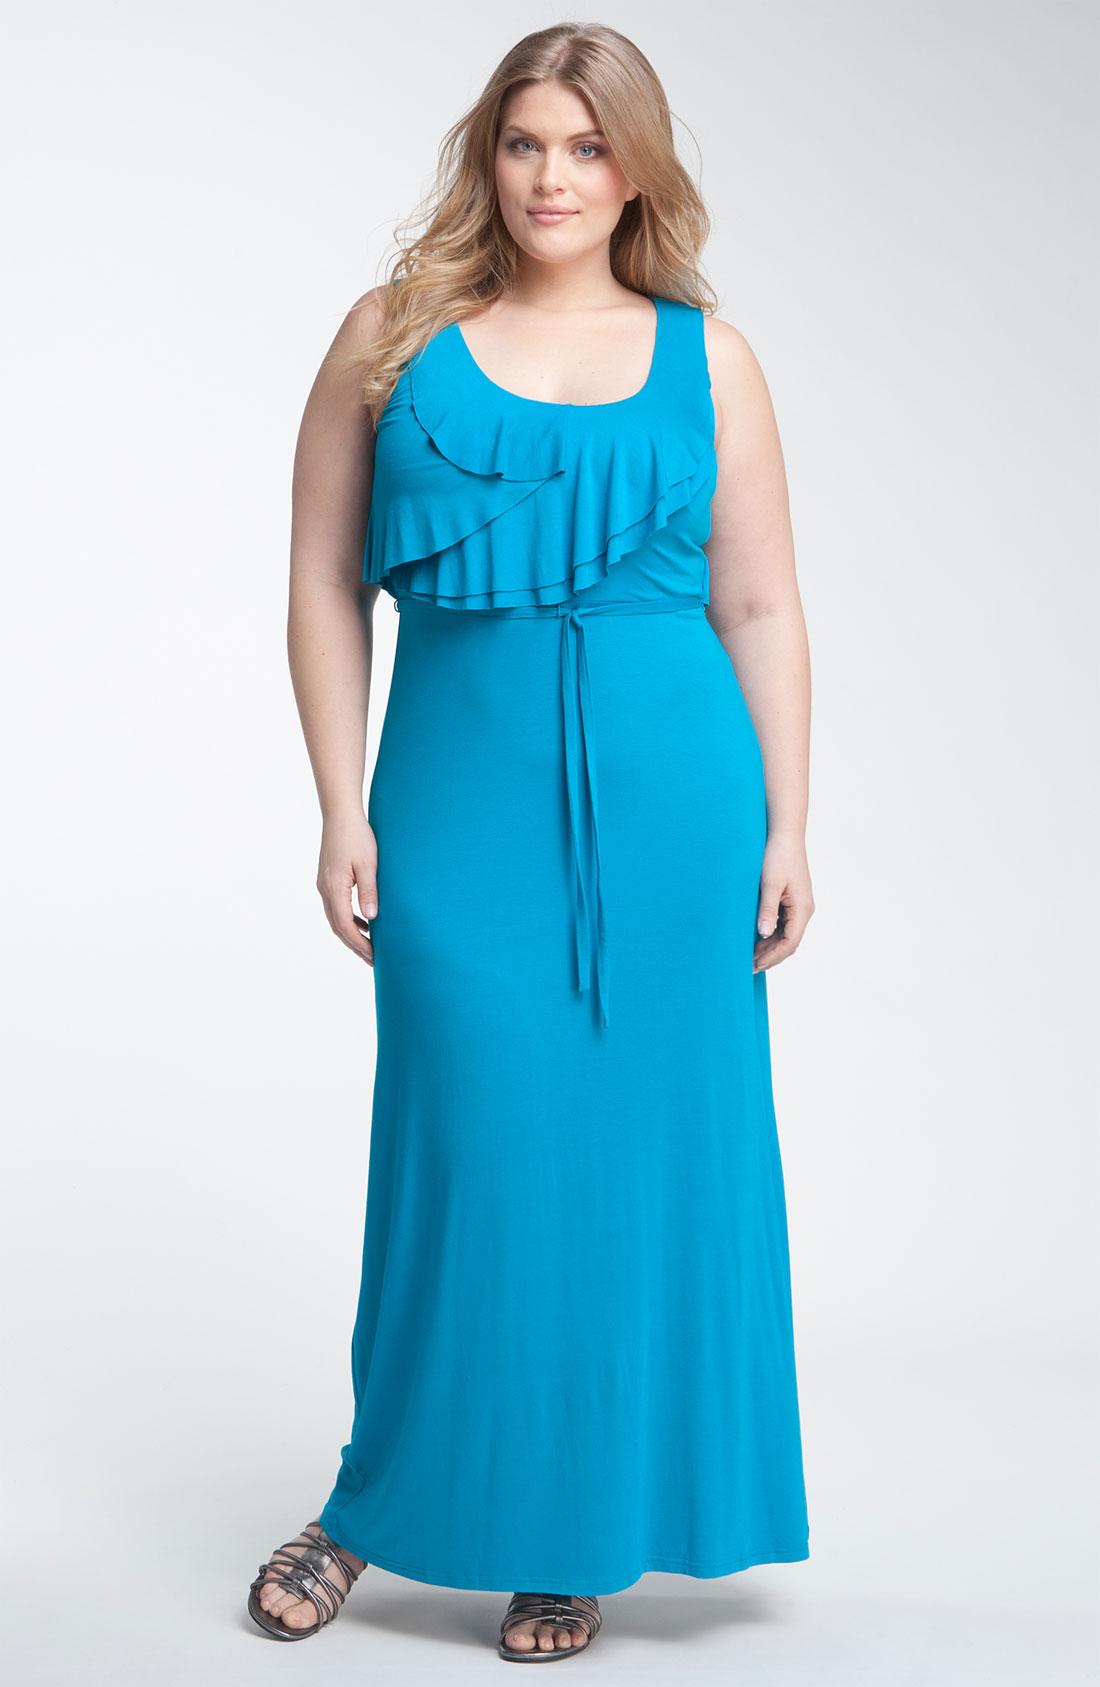 Calvin klein maxi dress blue - Fashion dresses